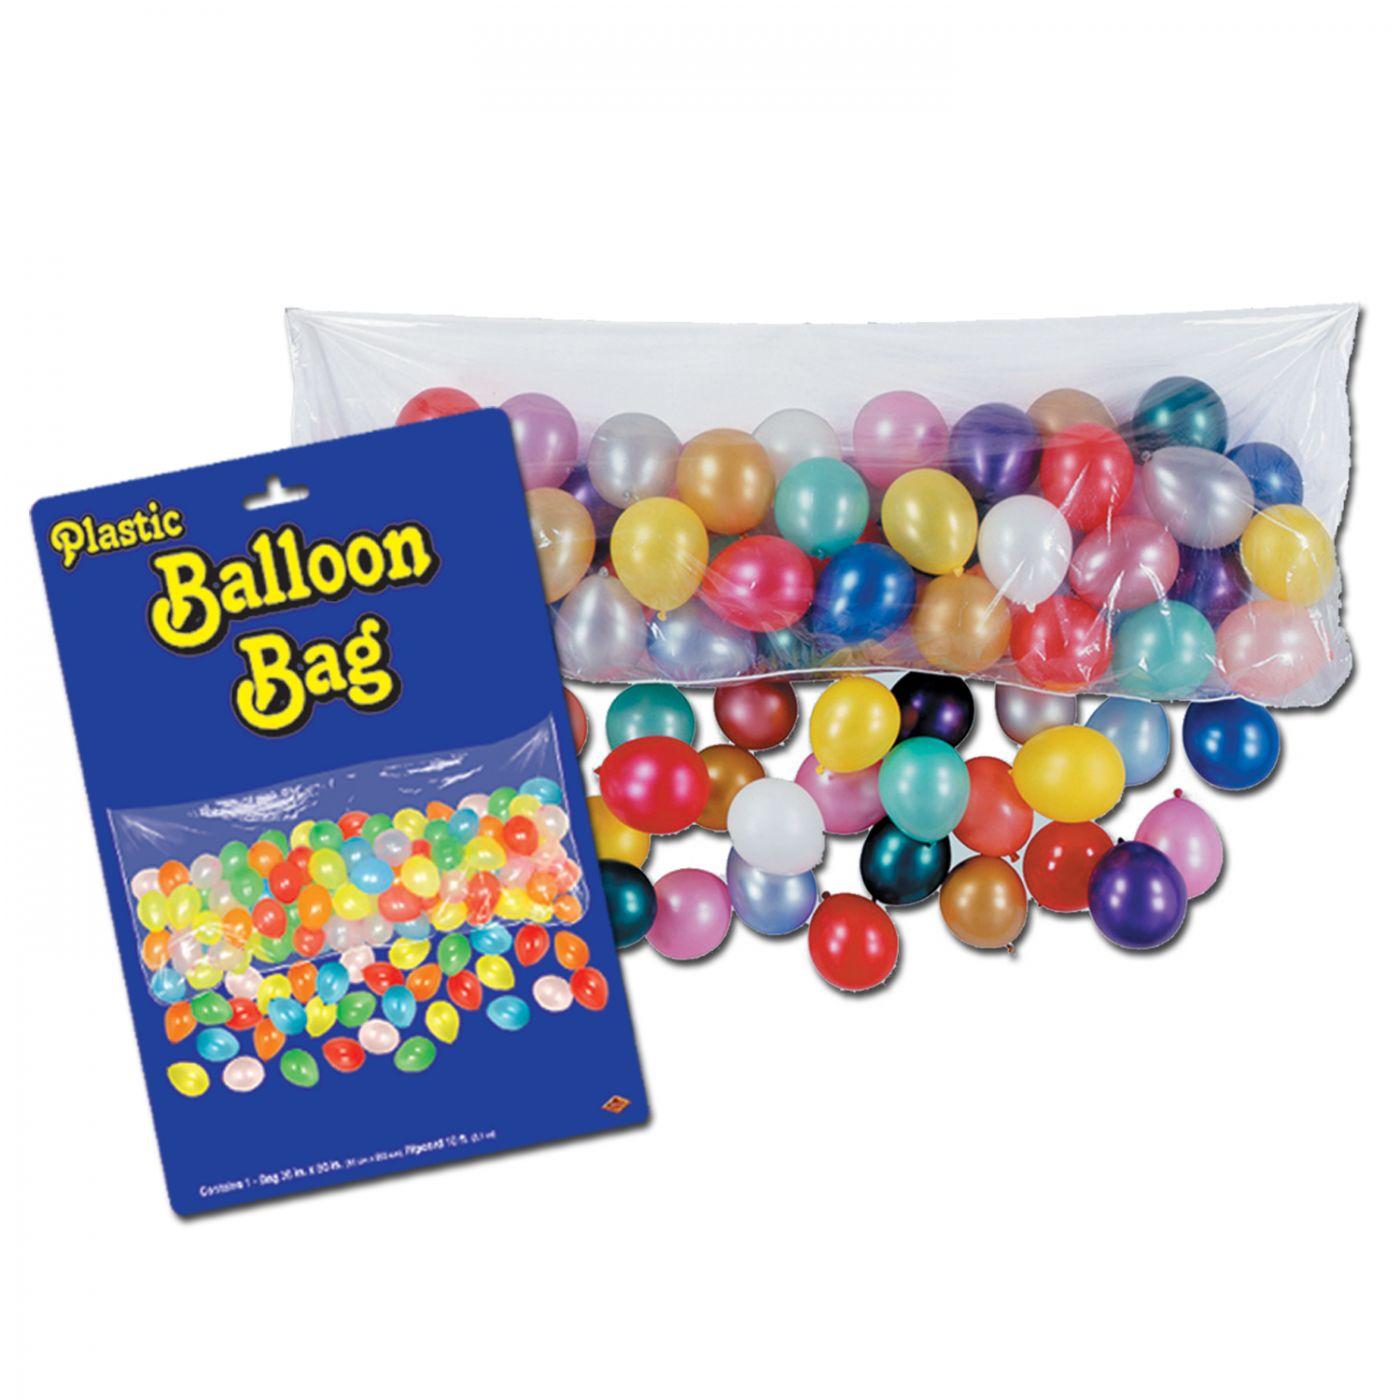 Plastic Balloon Bag image